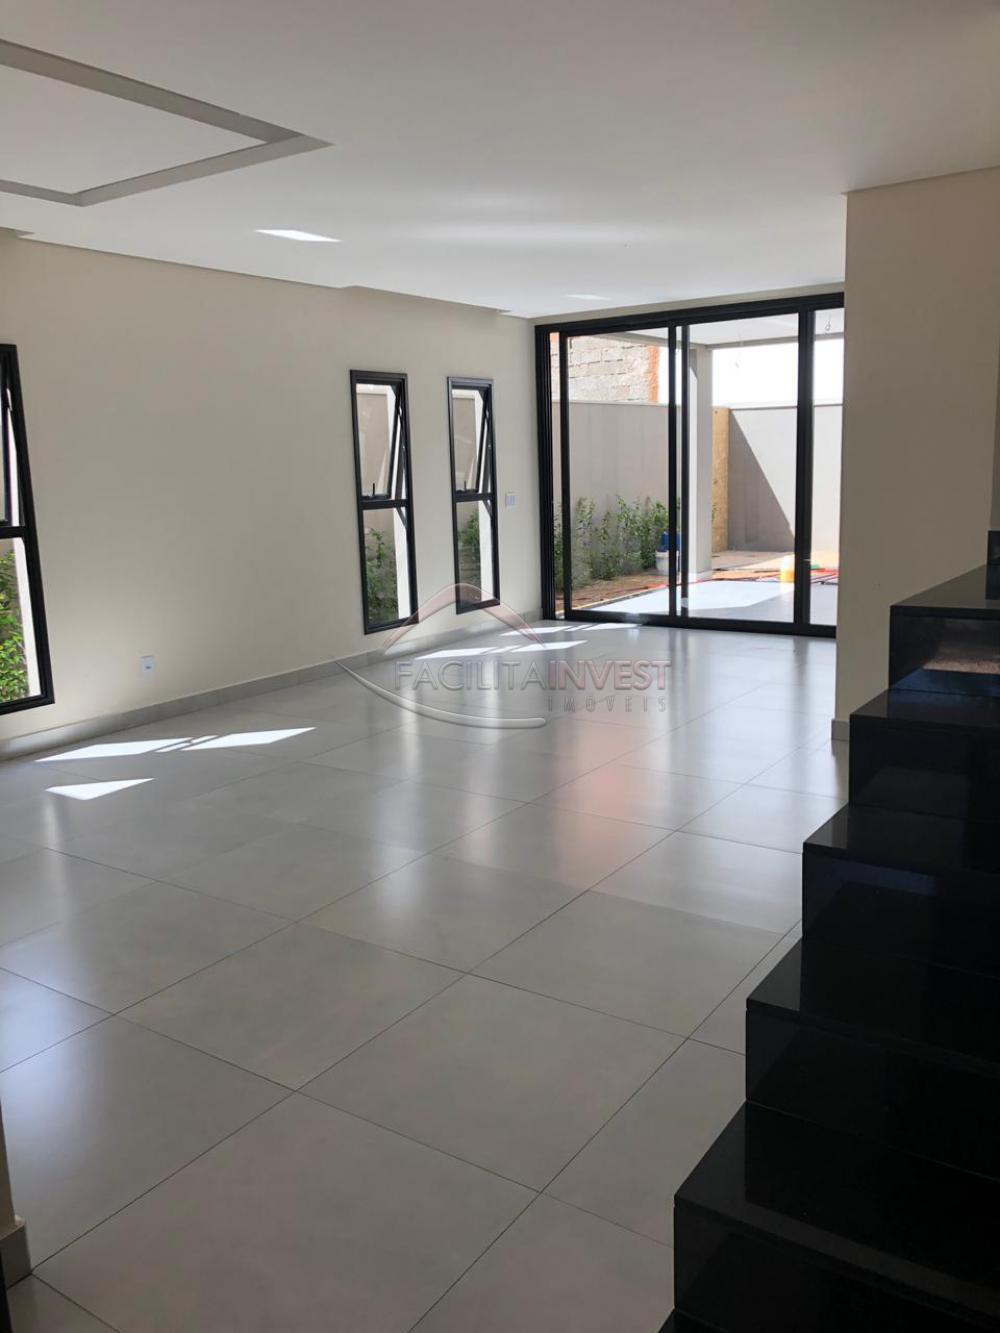 Comprar Casa Condomínio / Casa Condomínio em Ribeirão Preto apenas R$ 880.000,00 - Foto 2